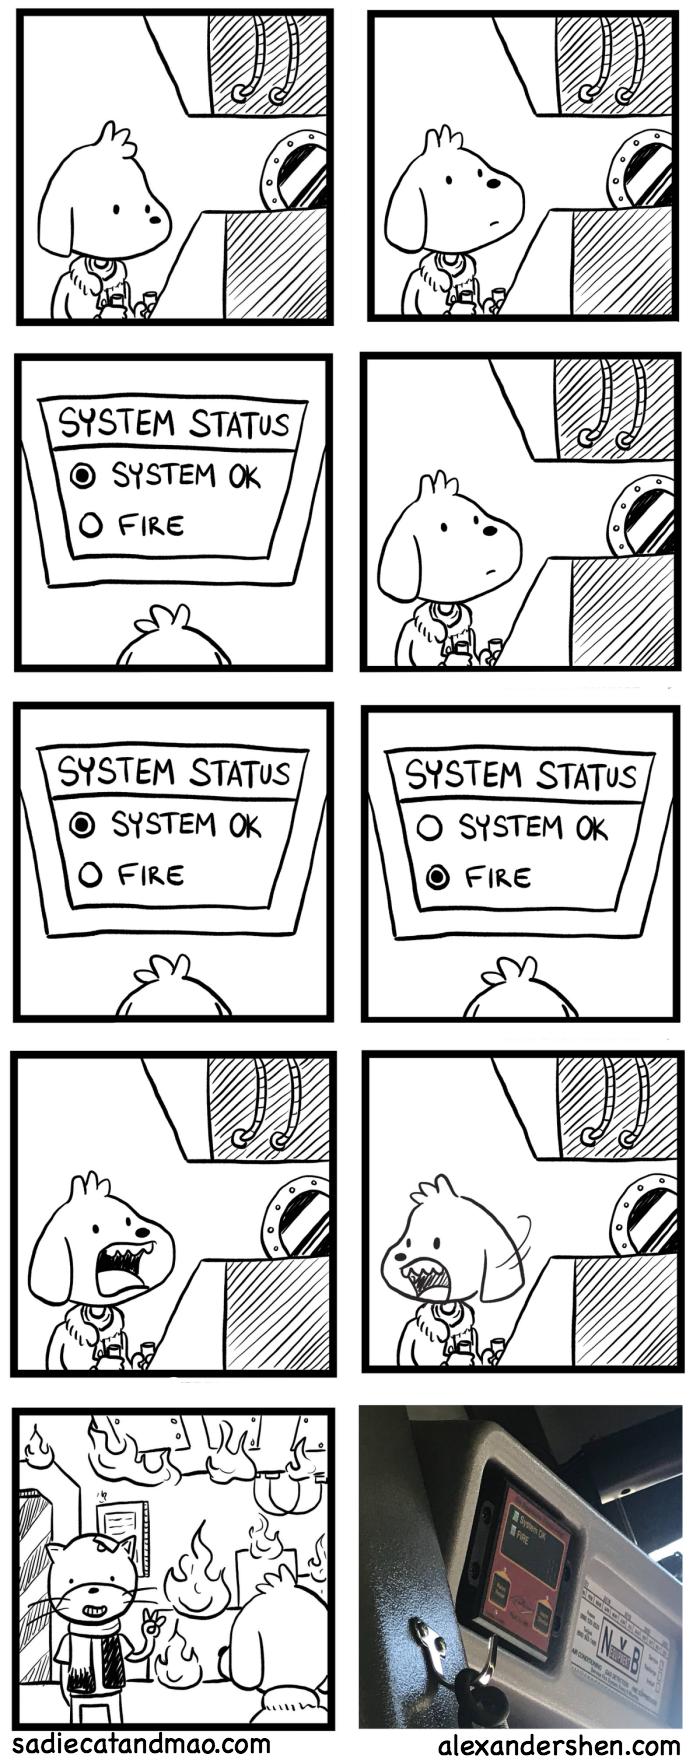 firecomic.png